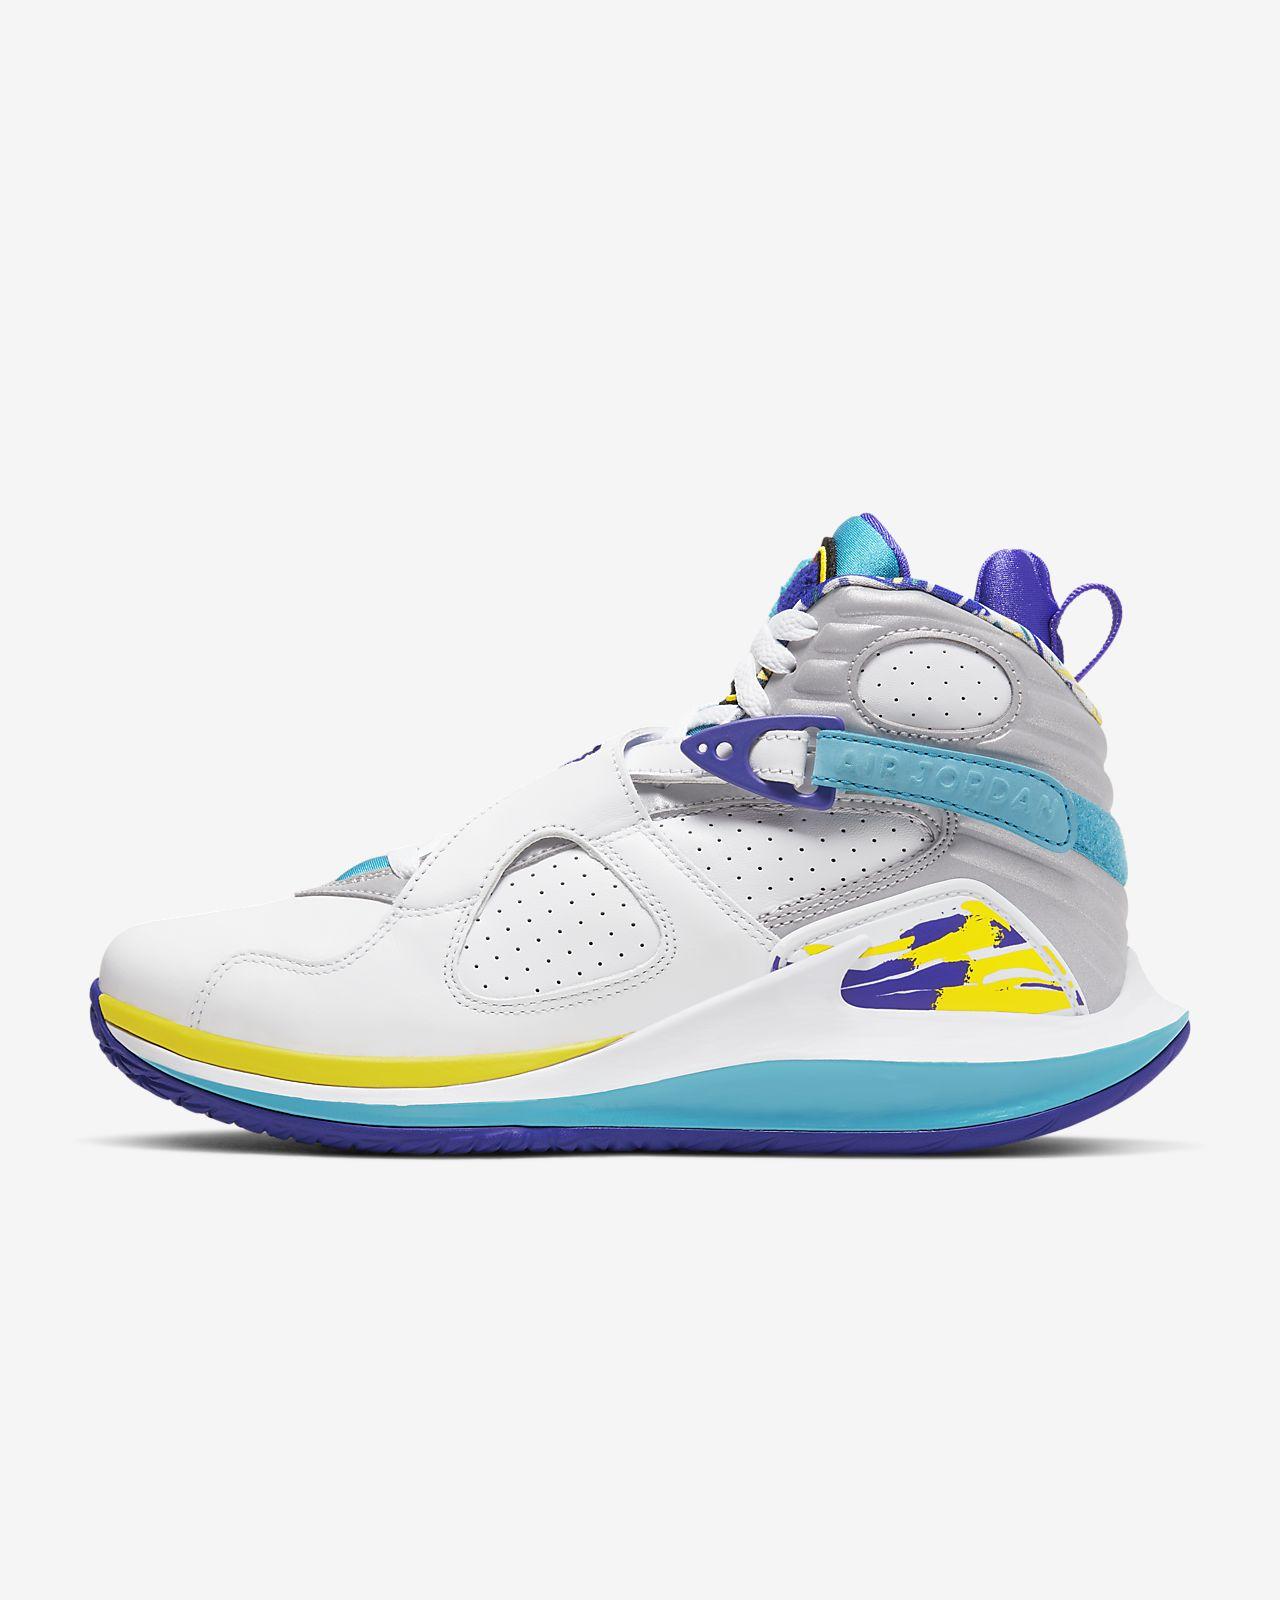 Chaussure de tennis pour surface dure NikeCourt Zoom Zero Jordan 8 pour Femme